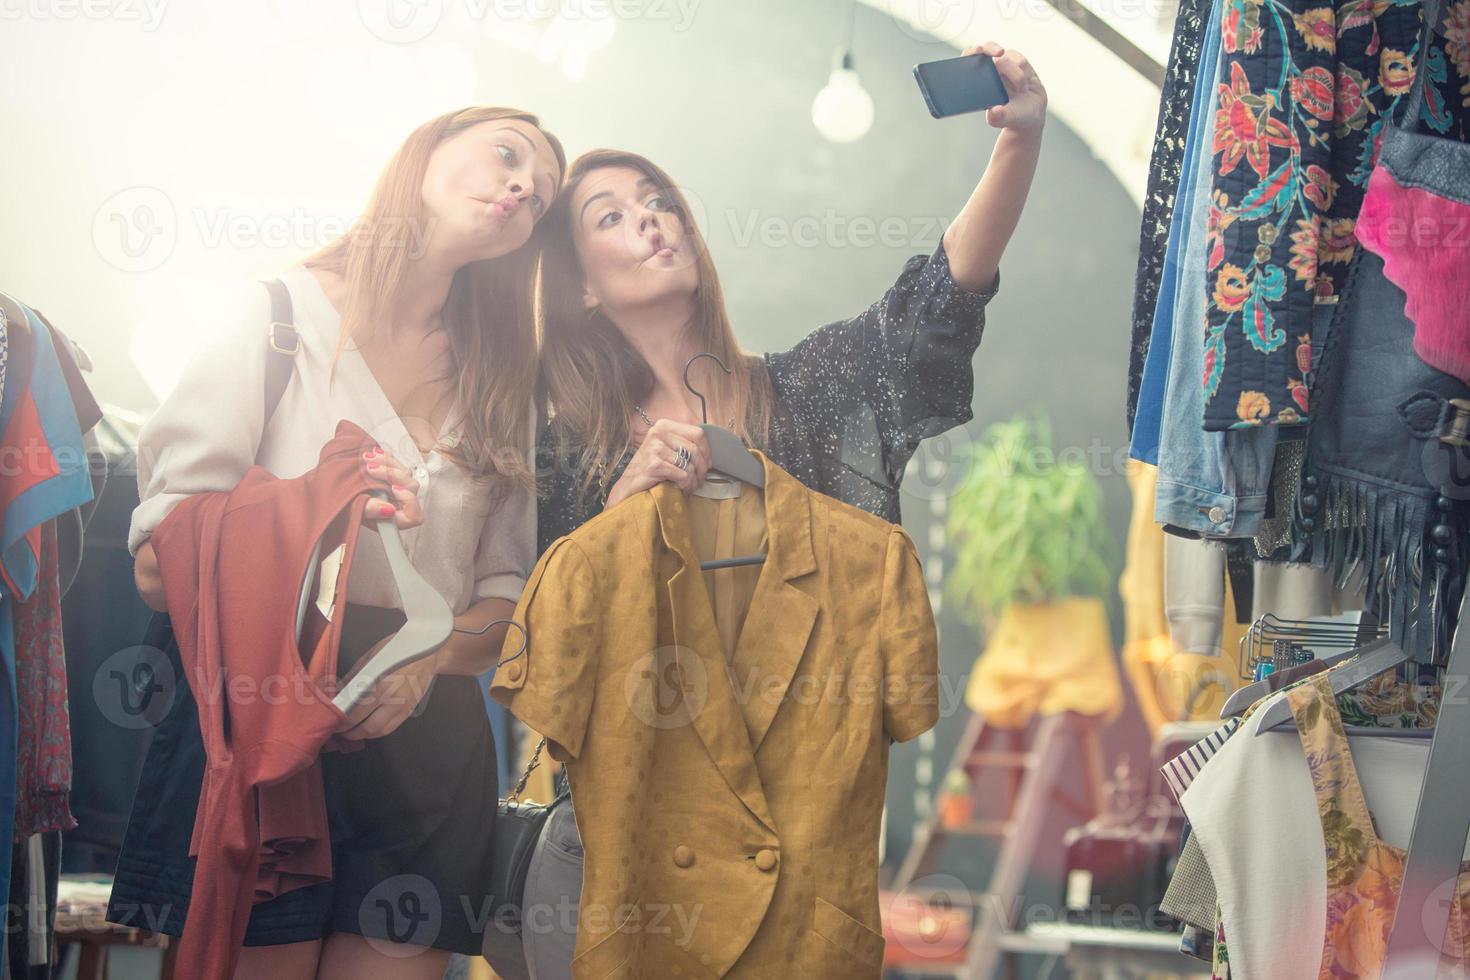 jeunes amis blonds et bruns profiter dans une boutique de vêtements d'occasion photo